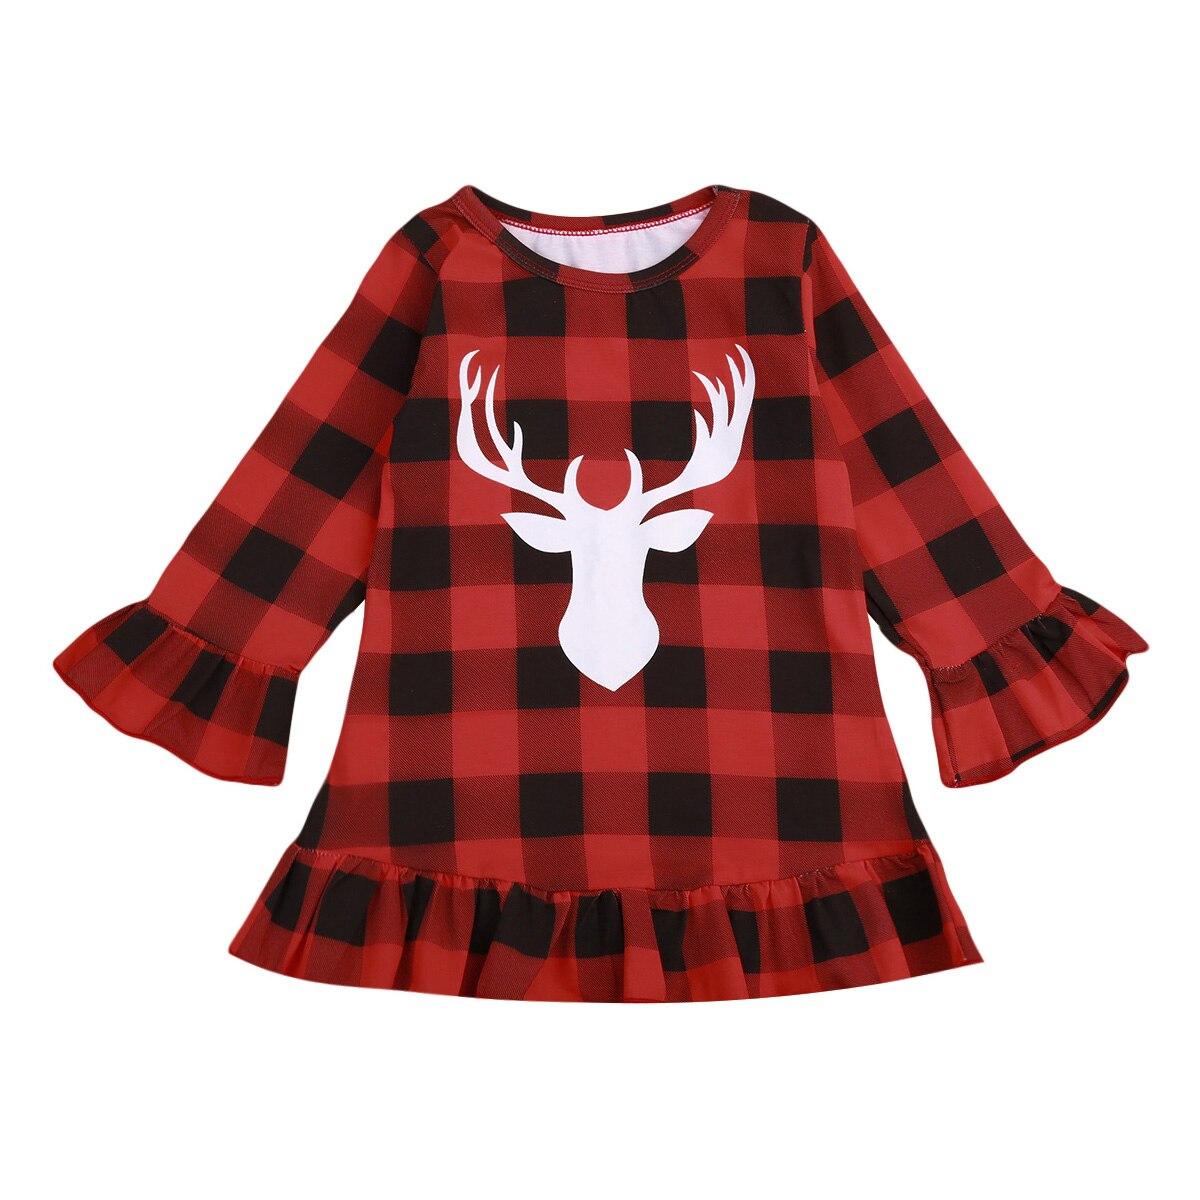 Осень-зима плед олень детское платье для Штаны для девочек с рождественским изображением одежда на Новый год детское платье с длинным рукав...